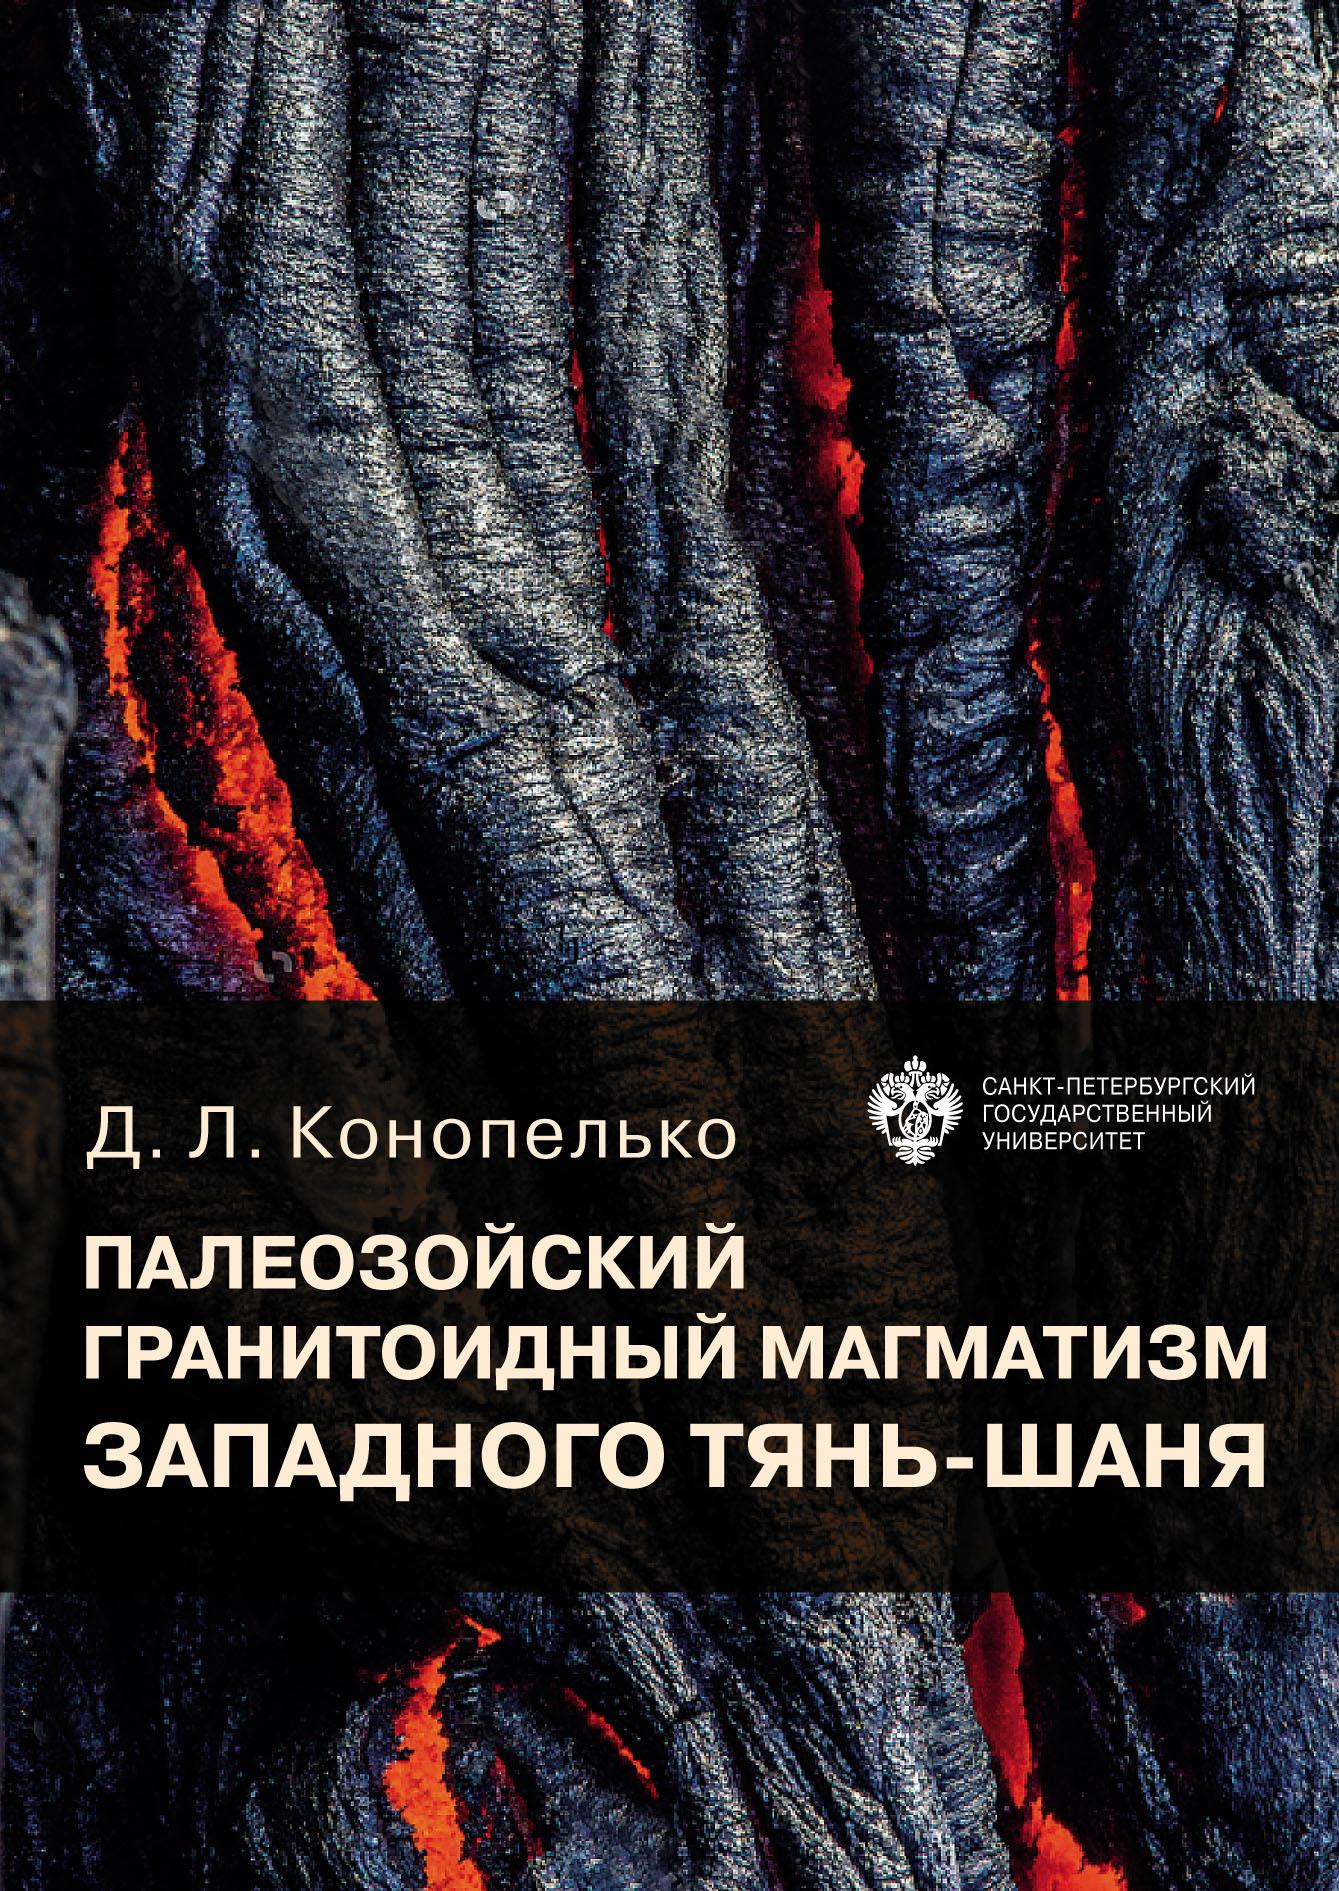 Купить книгу Палеозойский гранитоидный магматизм западного Тянь-Шаня, автора Дмитрия Конопелько